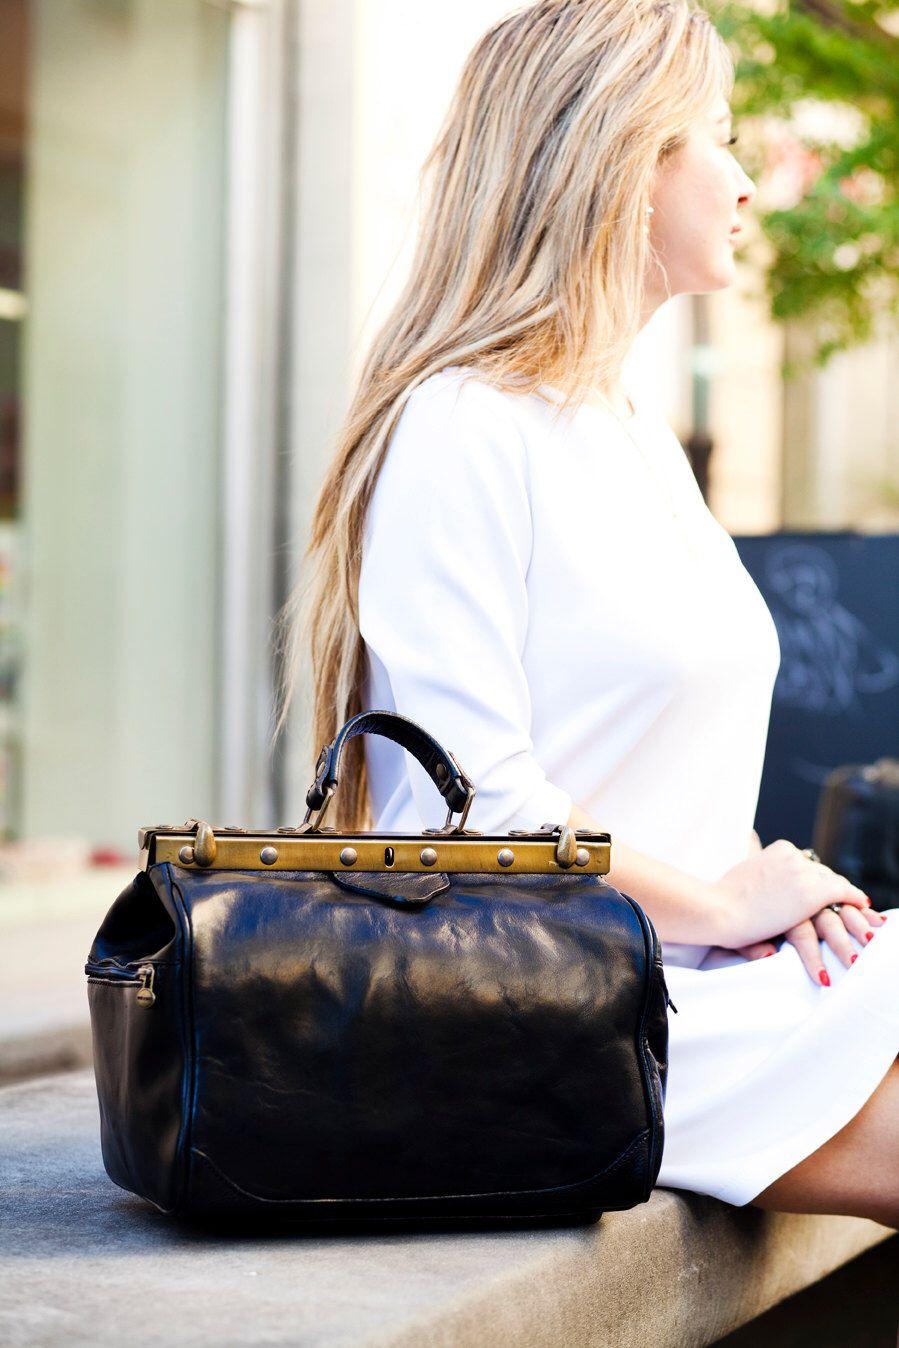 Ladies leather handbag black doctor bag handheld shoulder bag black ... 2fbc531b065d